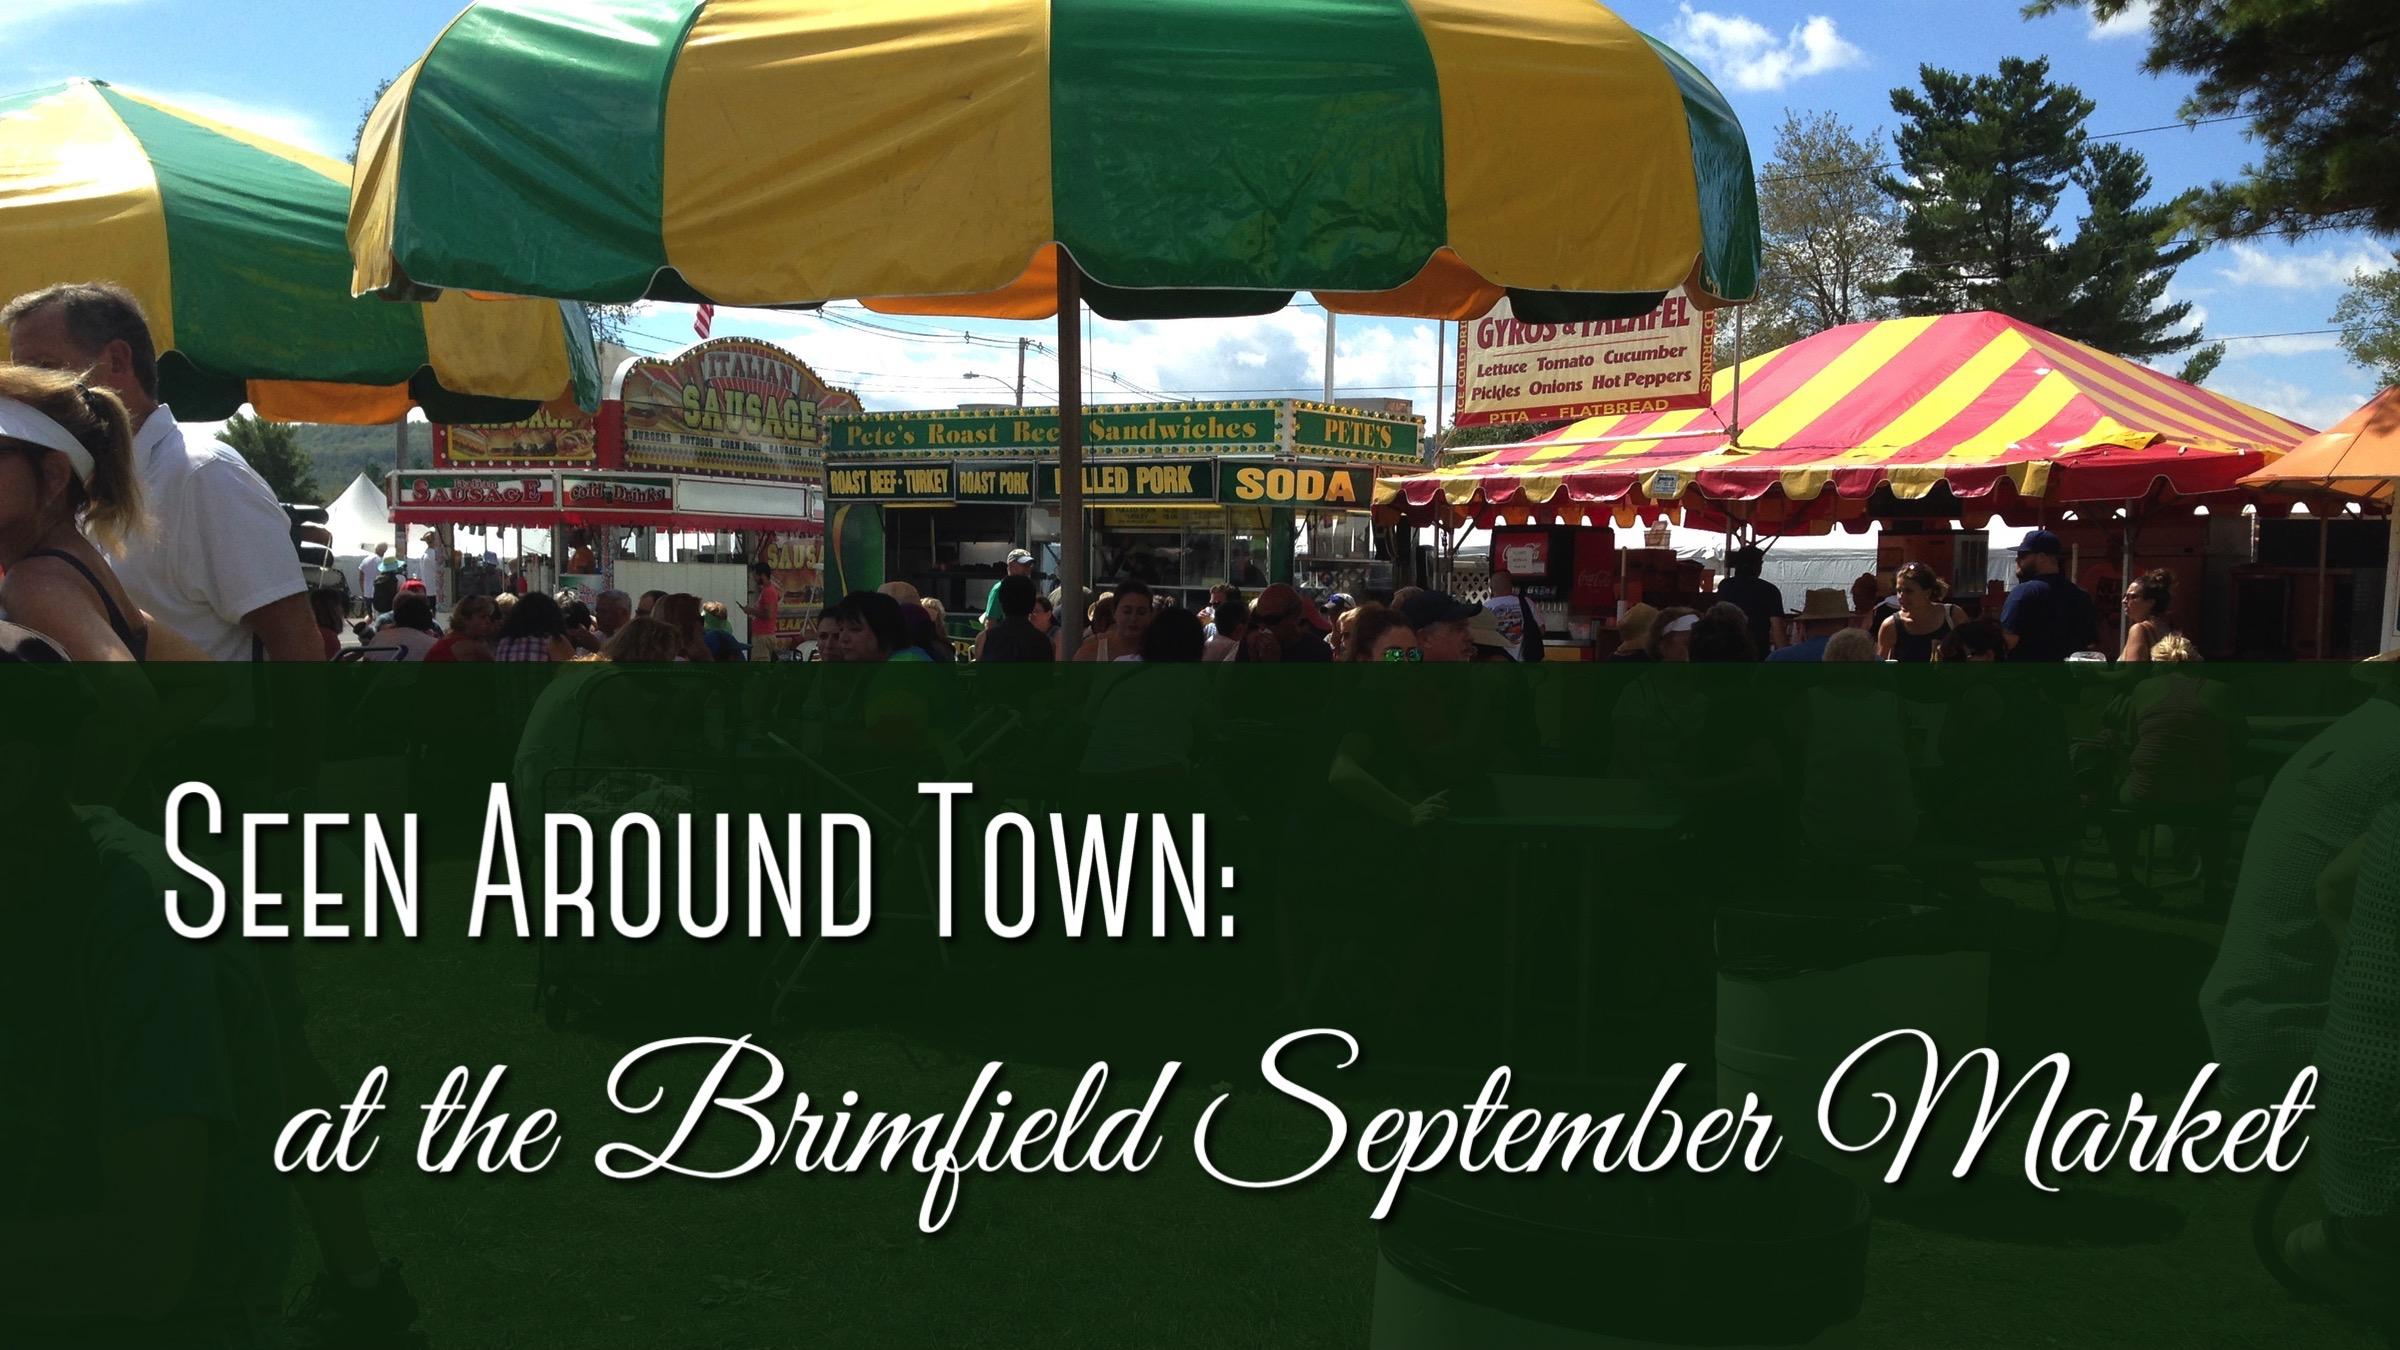 seen-around-town-brimfield-september-market